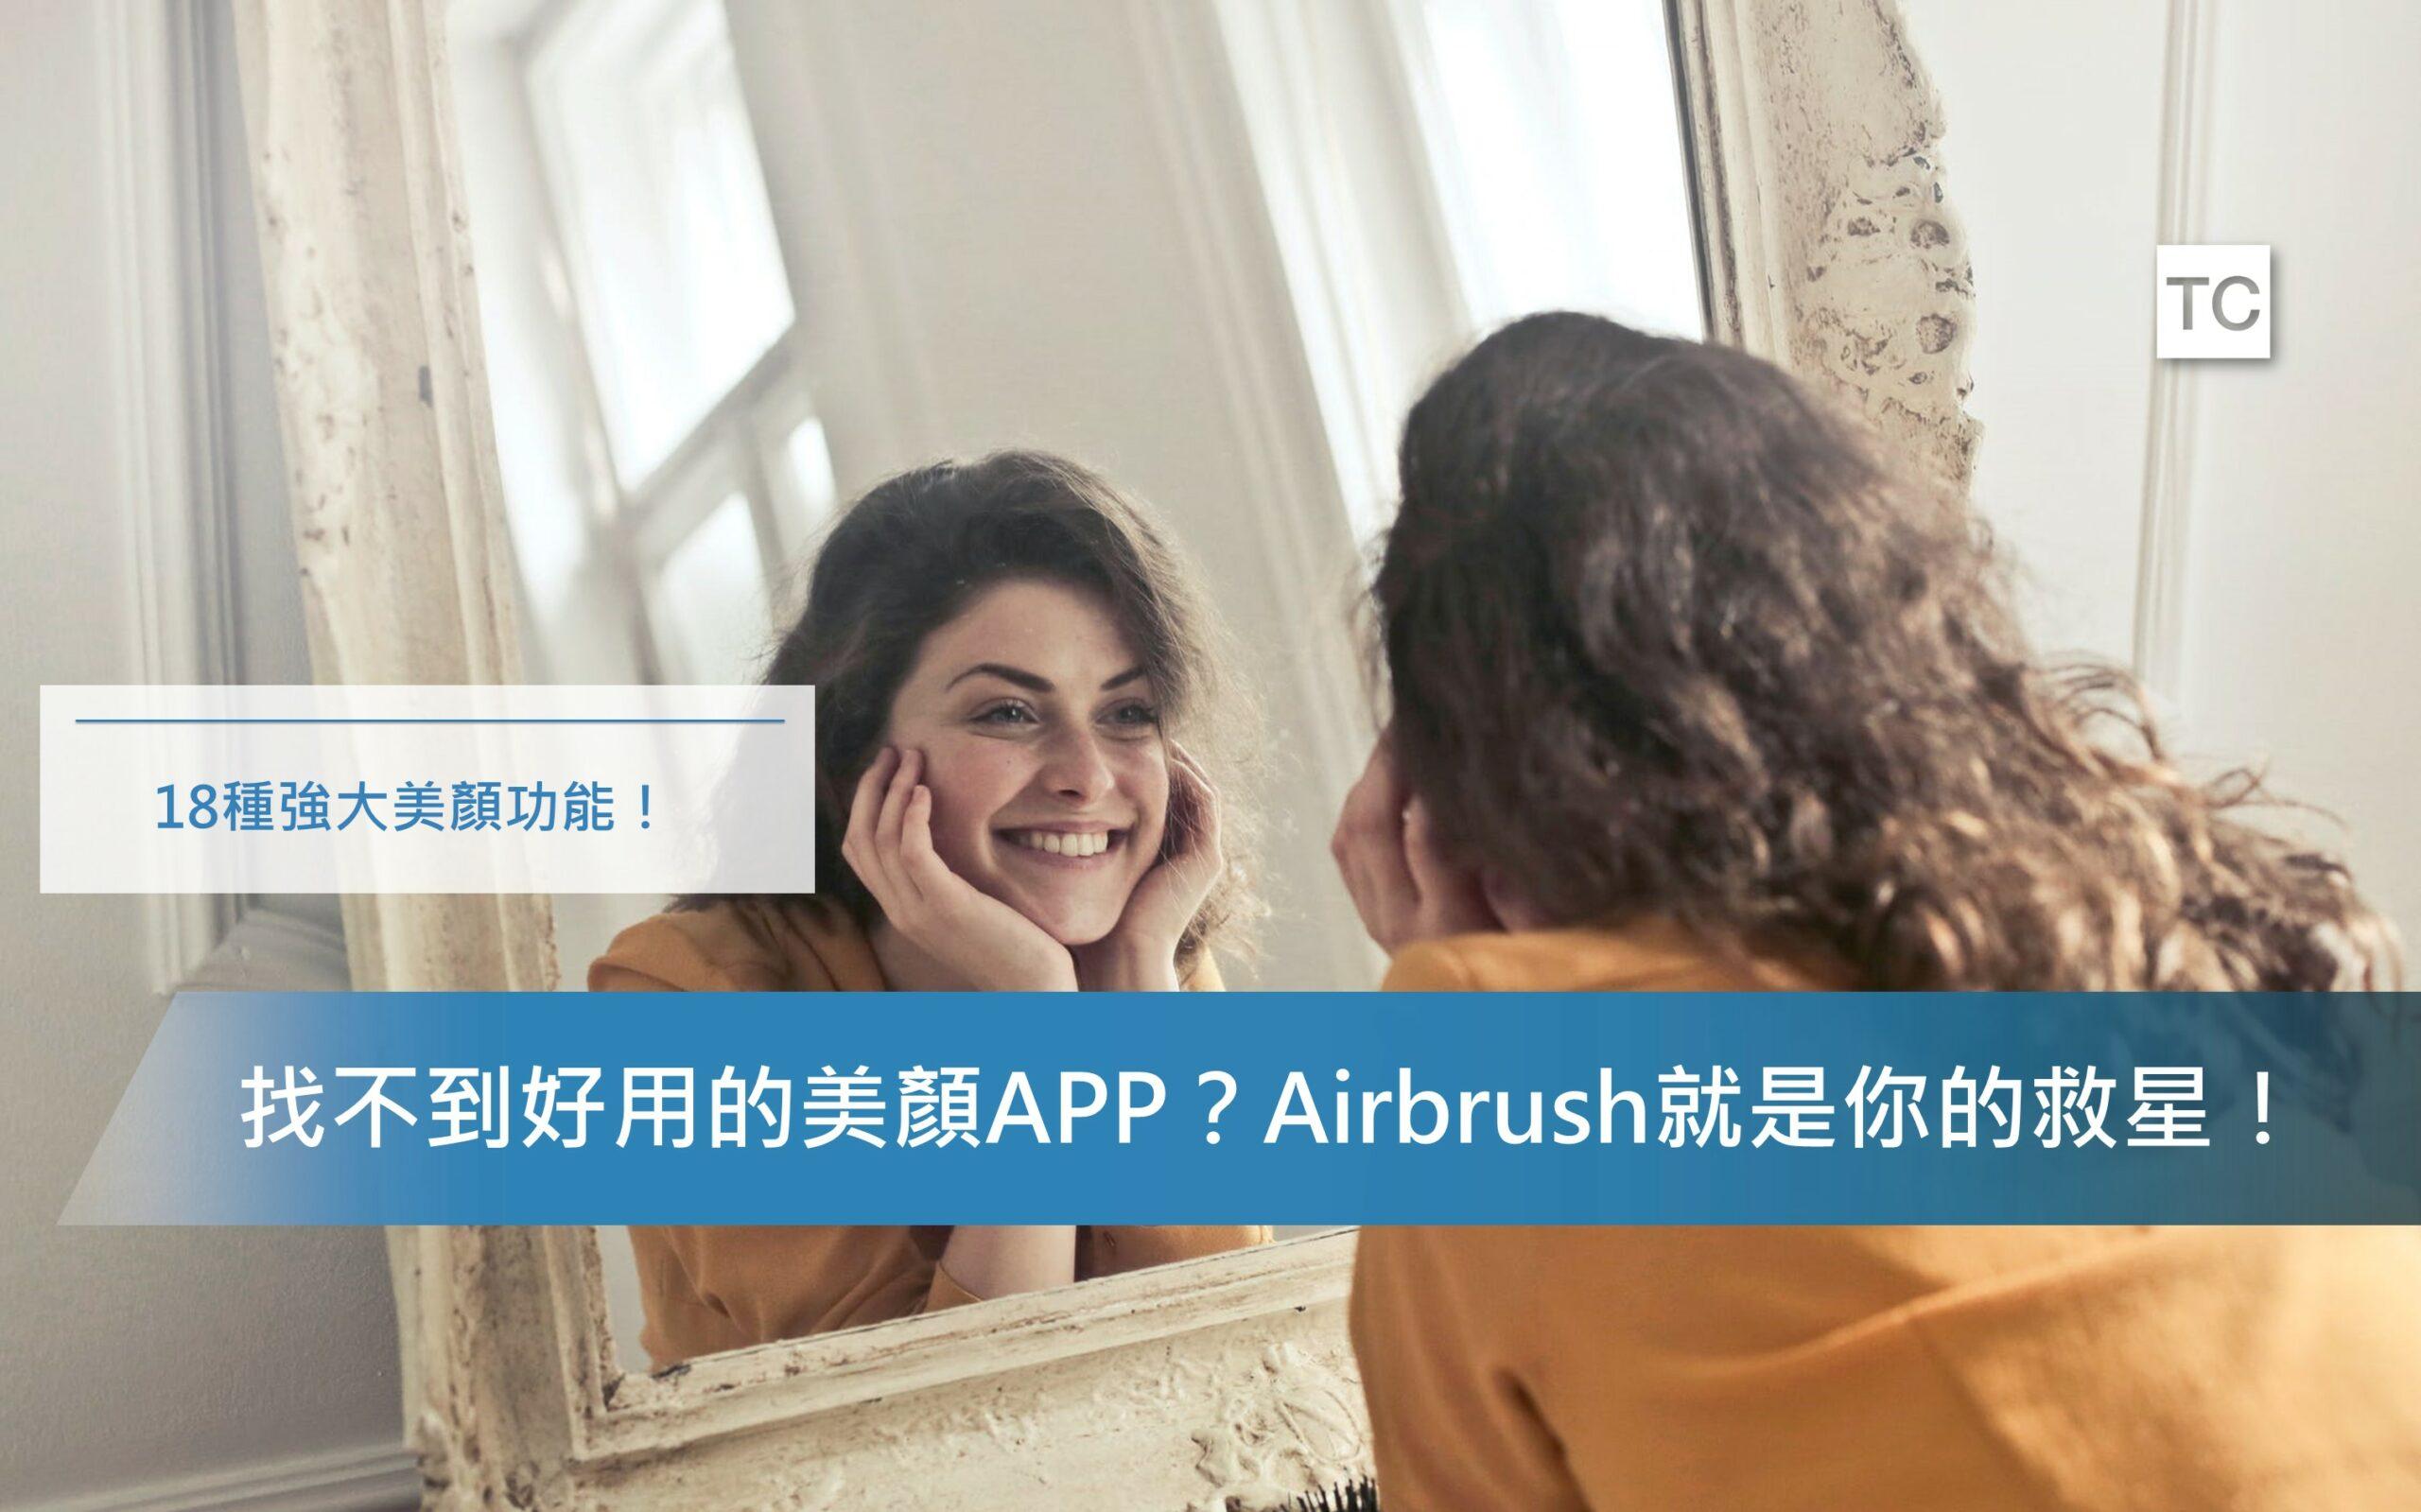 修圖APP 最強美顏APP推薦Airbrush,18種美顏功能任你用!